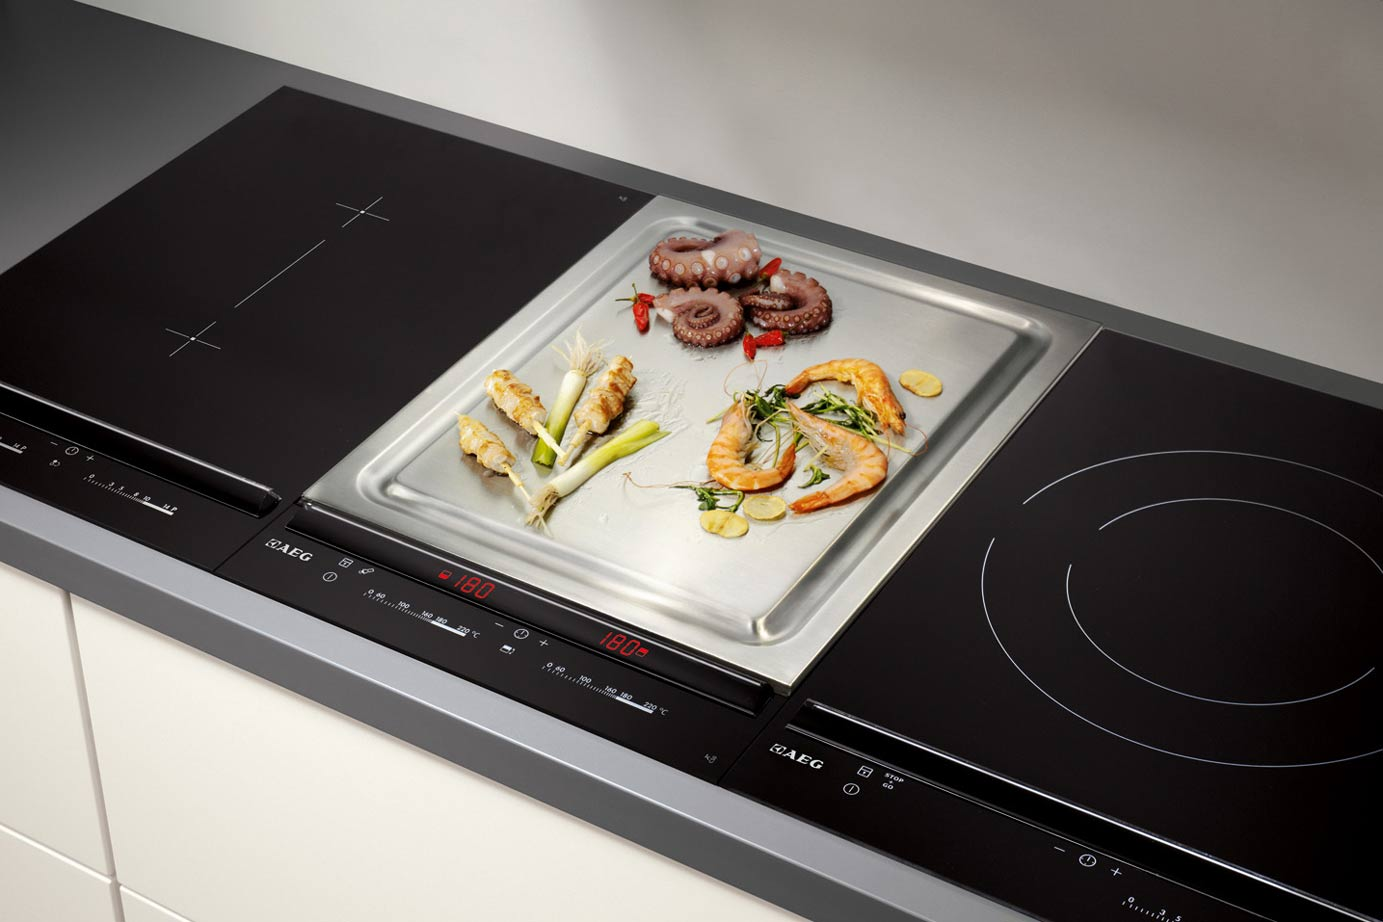 Trends In Keukenapparatuur : Welke inbouwapparatuur is onmisbaar in uw keuken · keukenstunter